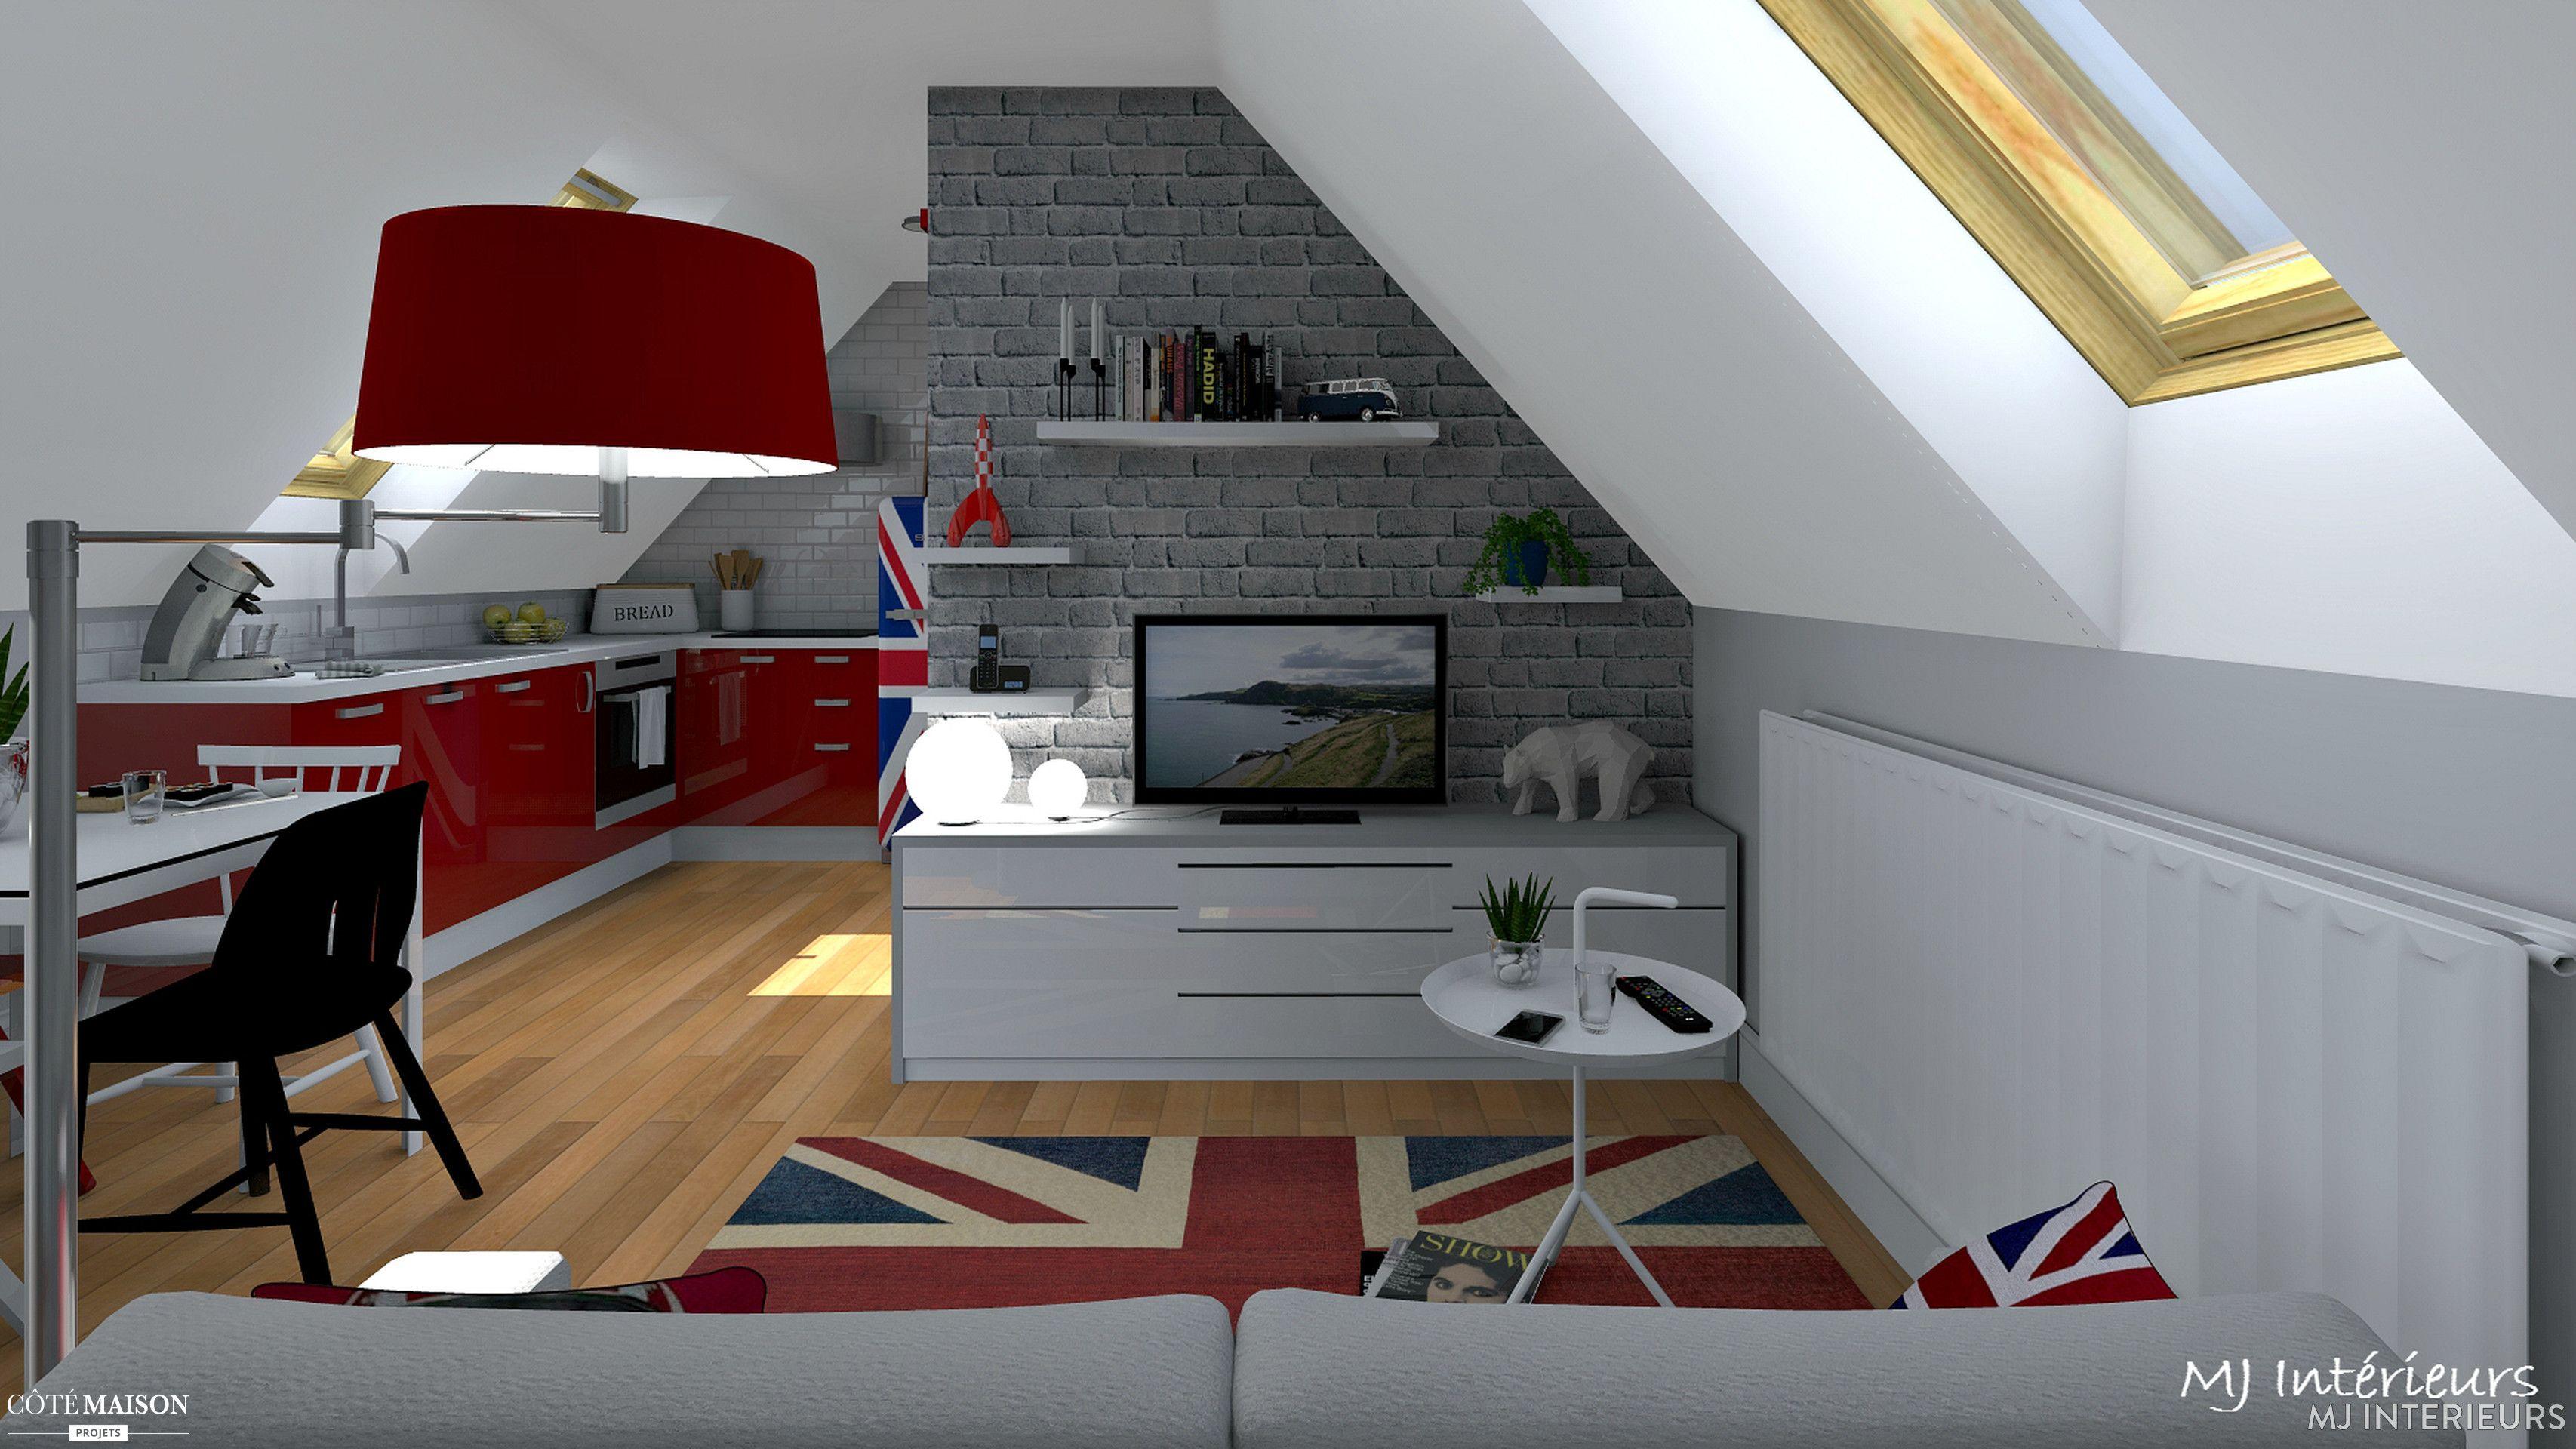 Comment caser dans moins de 25 m au sol en sous pentes un salon o dormir la nuit un bureau - Espace cuisine rochefort ...